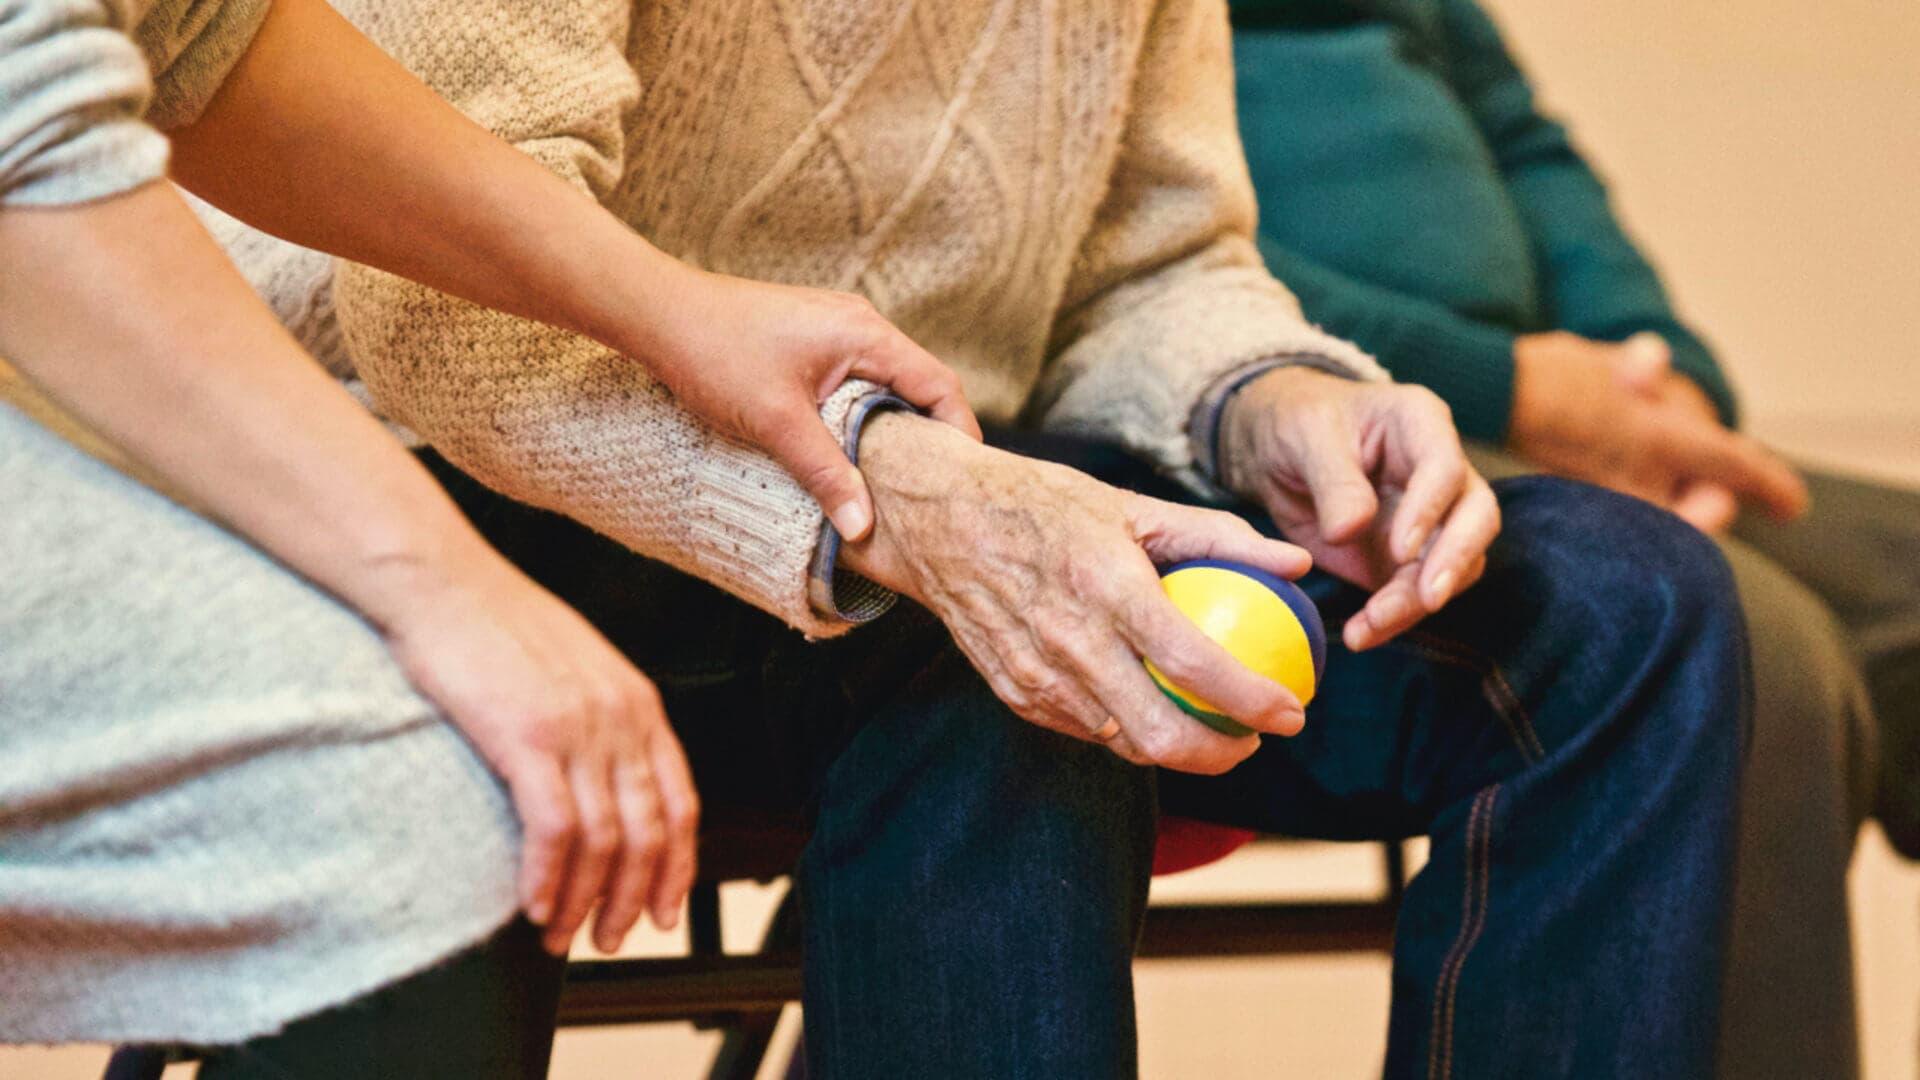 rheumatoid, osteoarthritis and gout pain